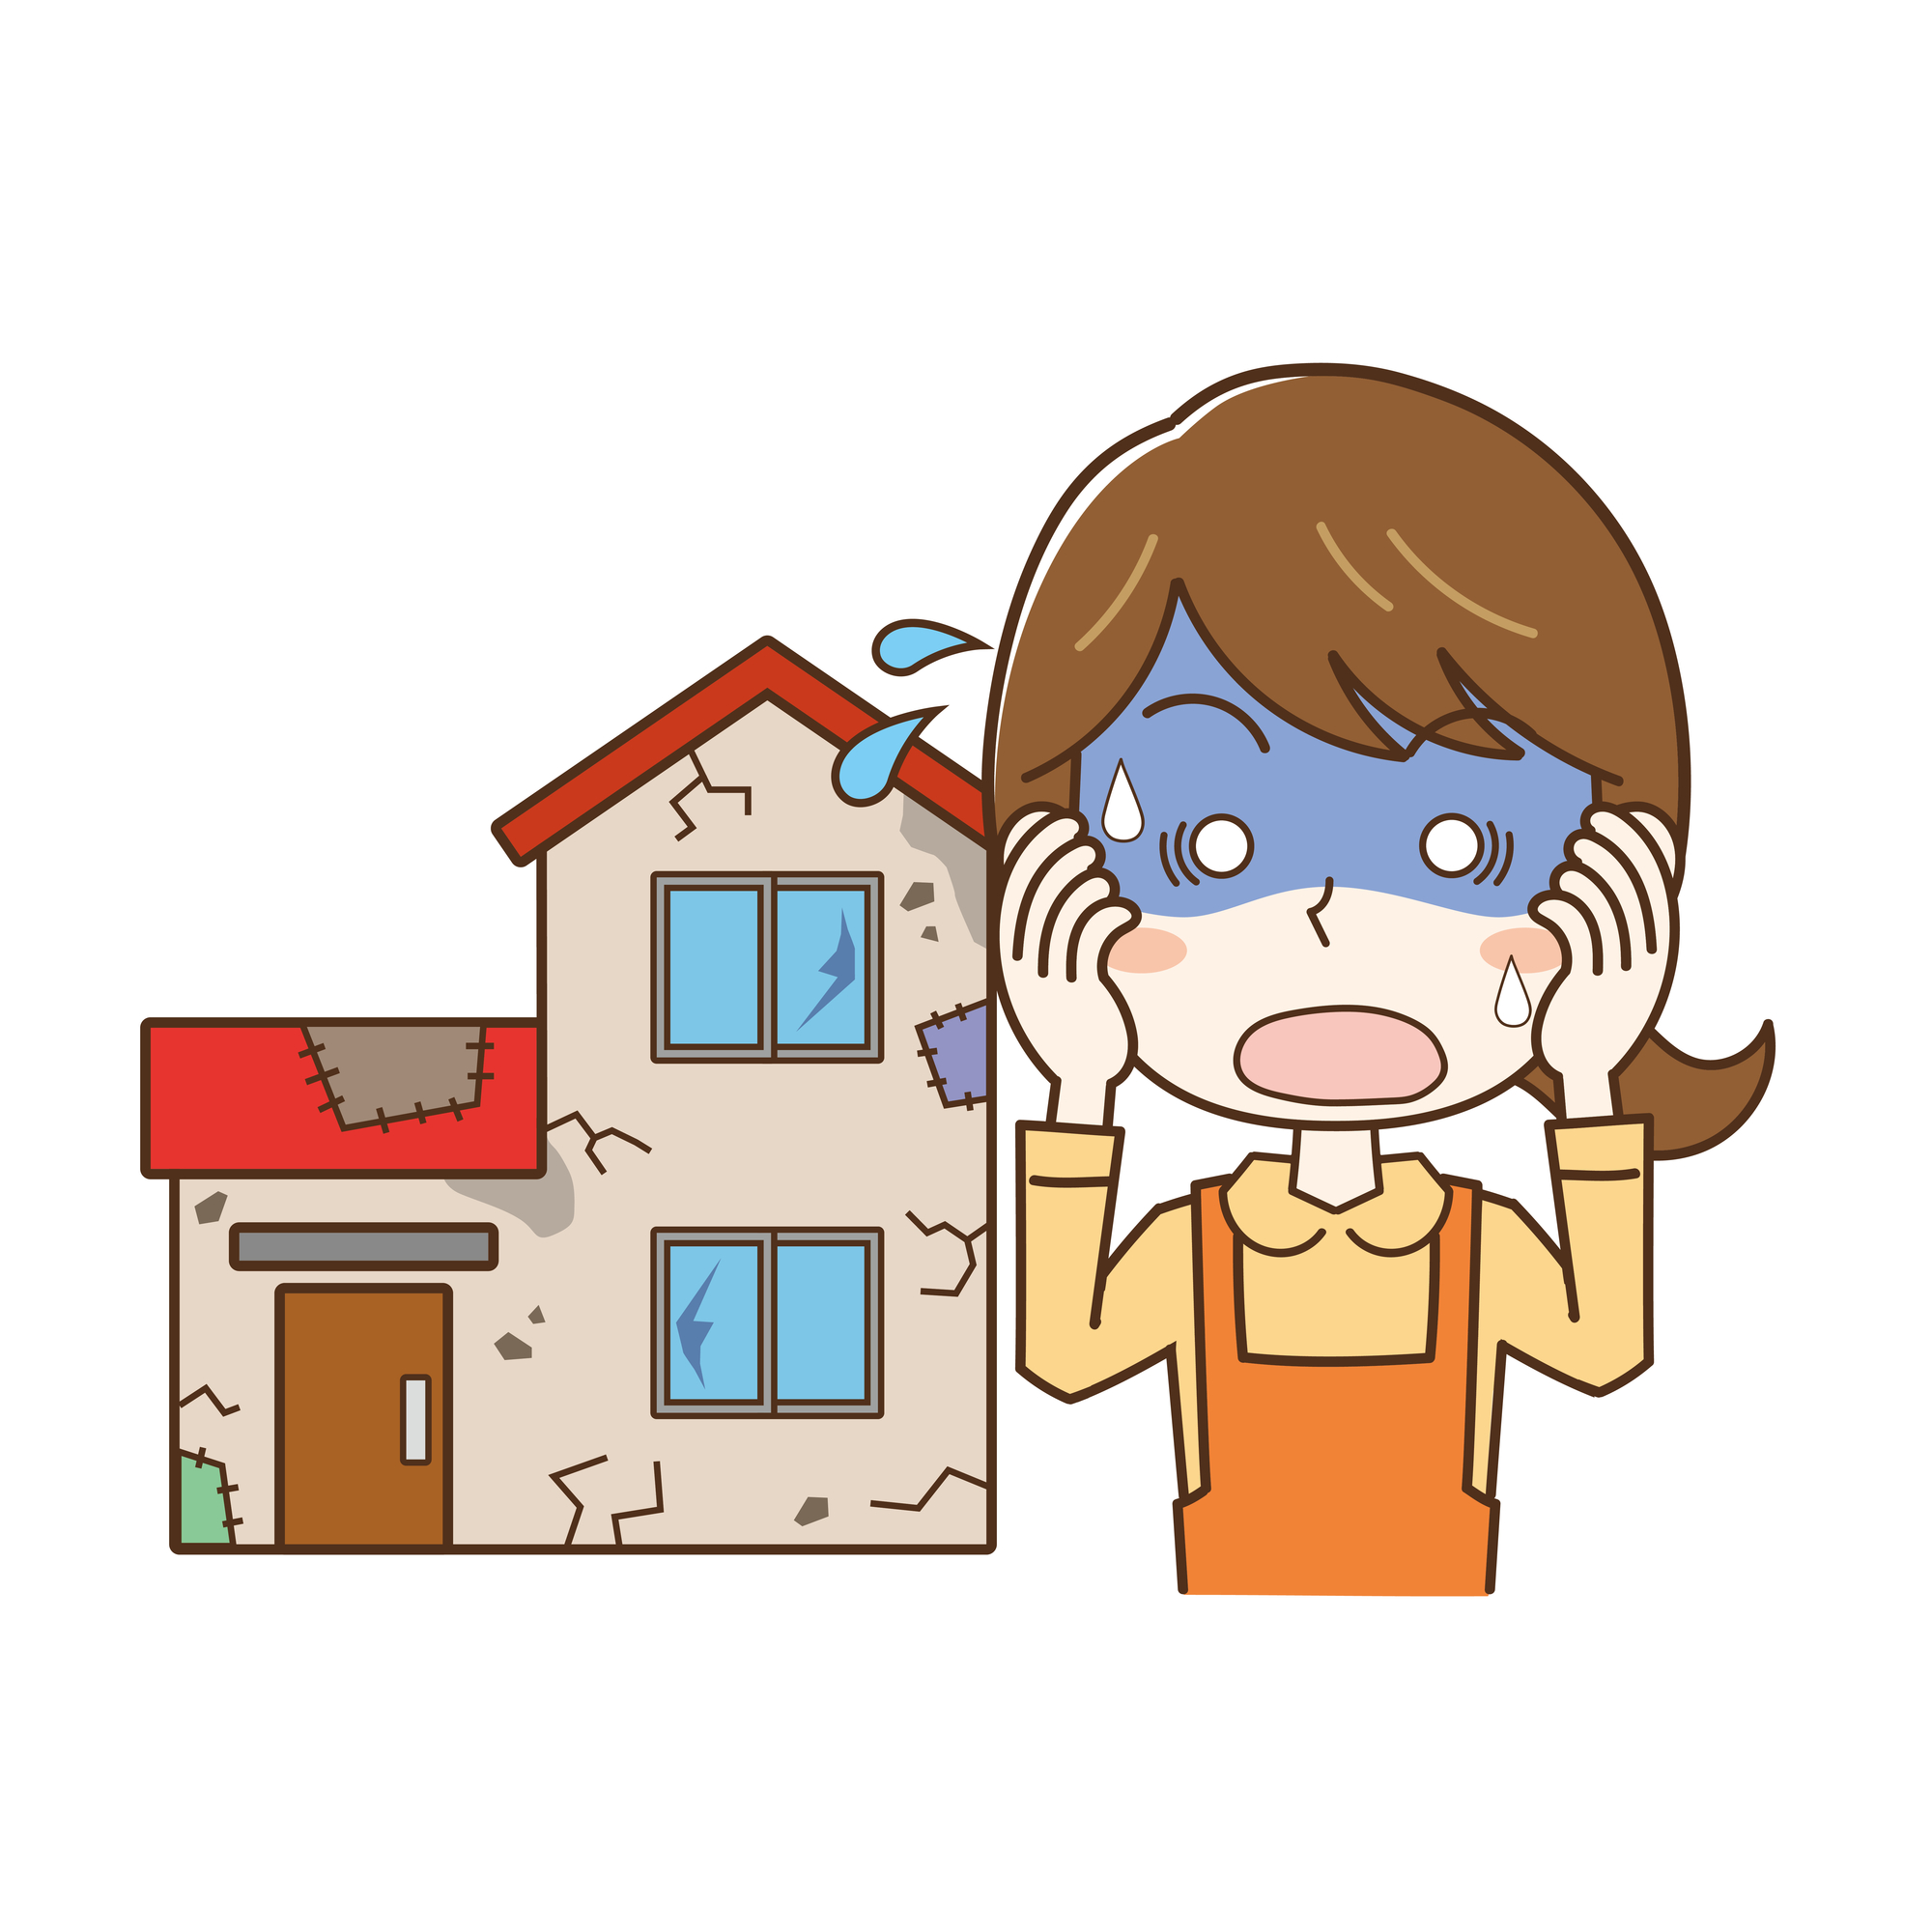 ボロボロの家に焦る女性